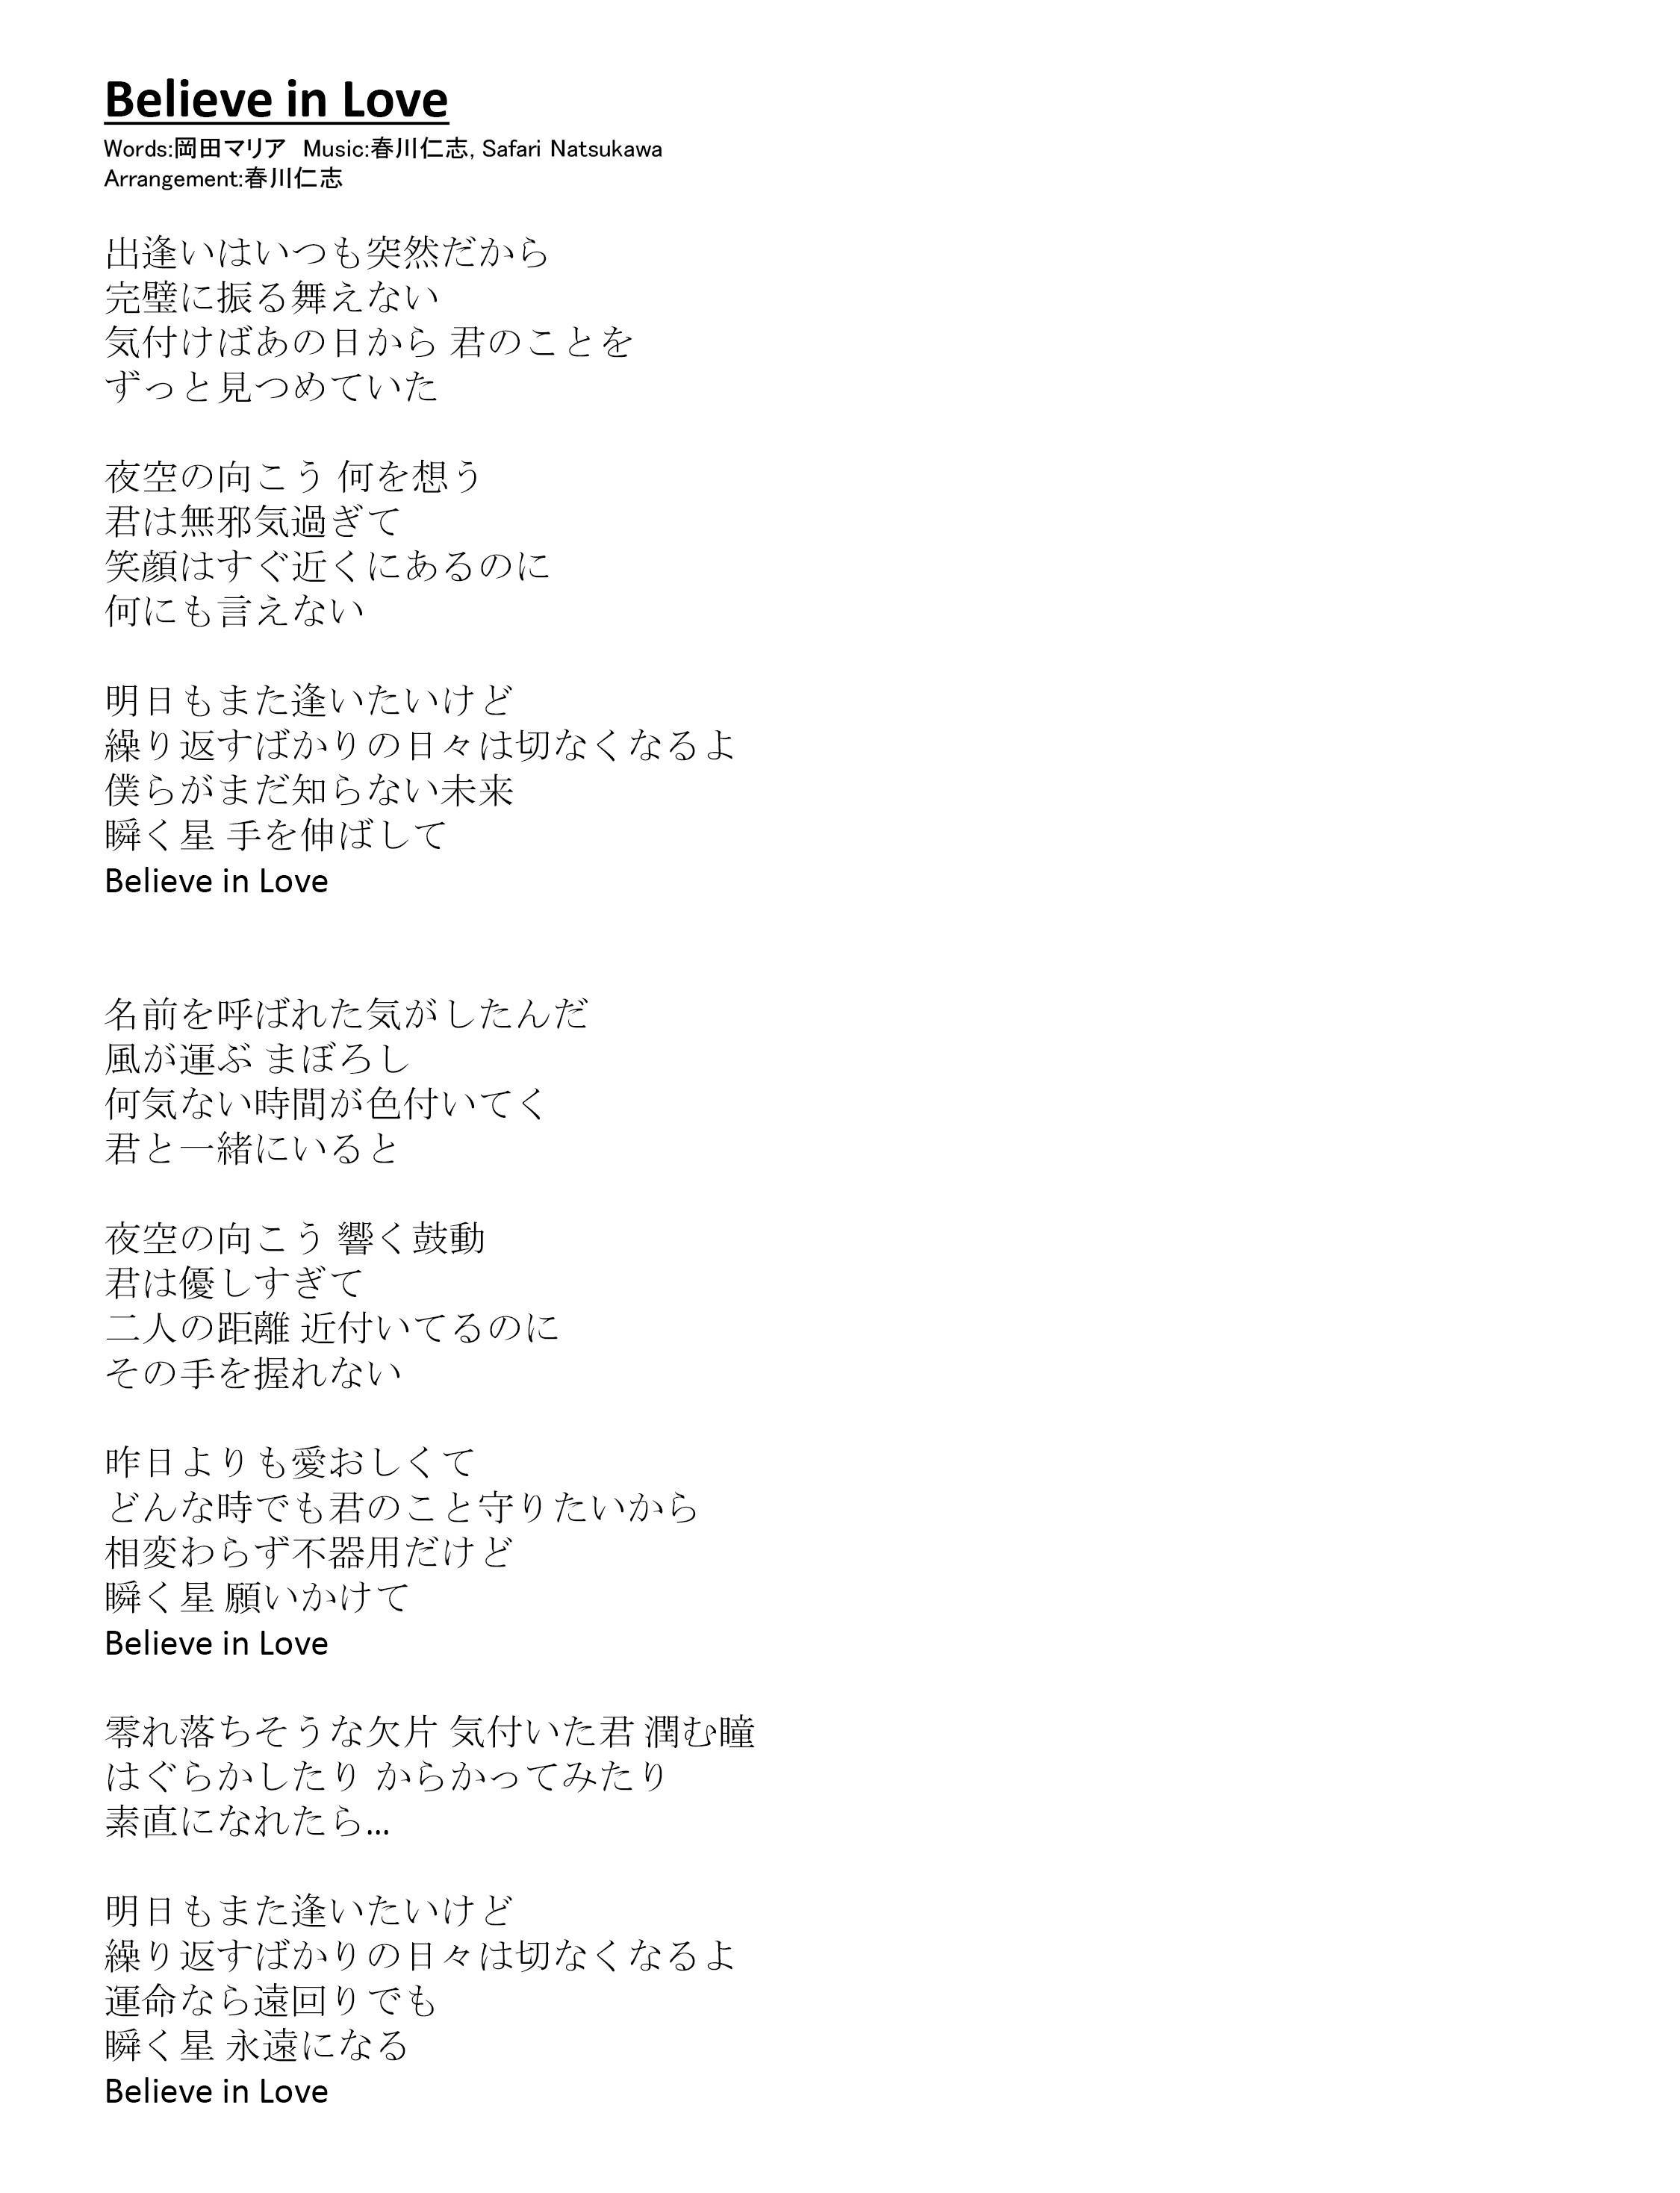 嵐 ビリーブ mp3